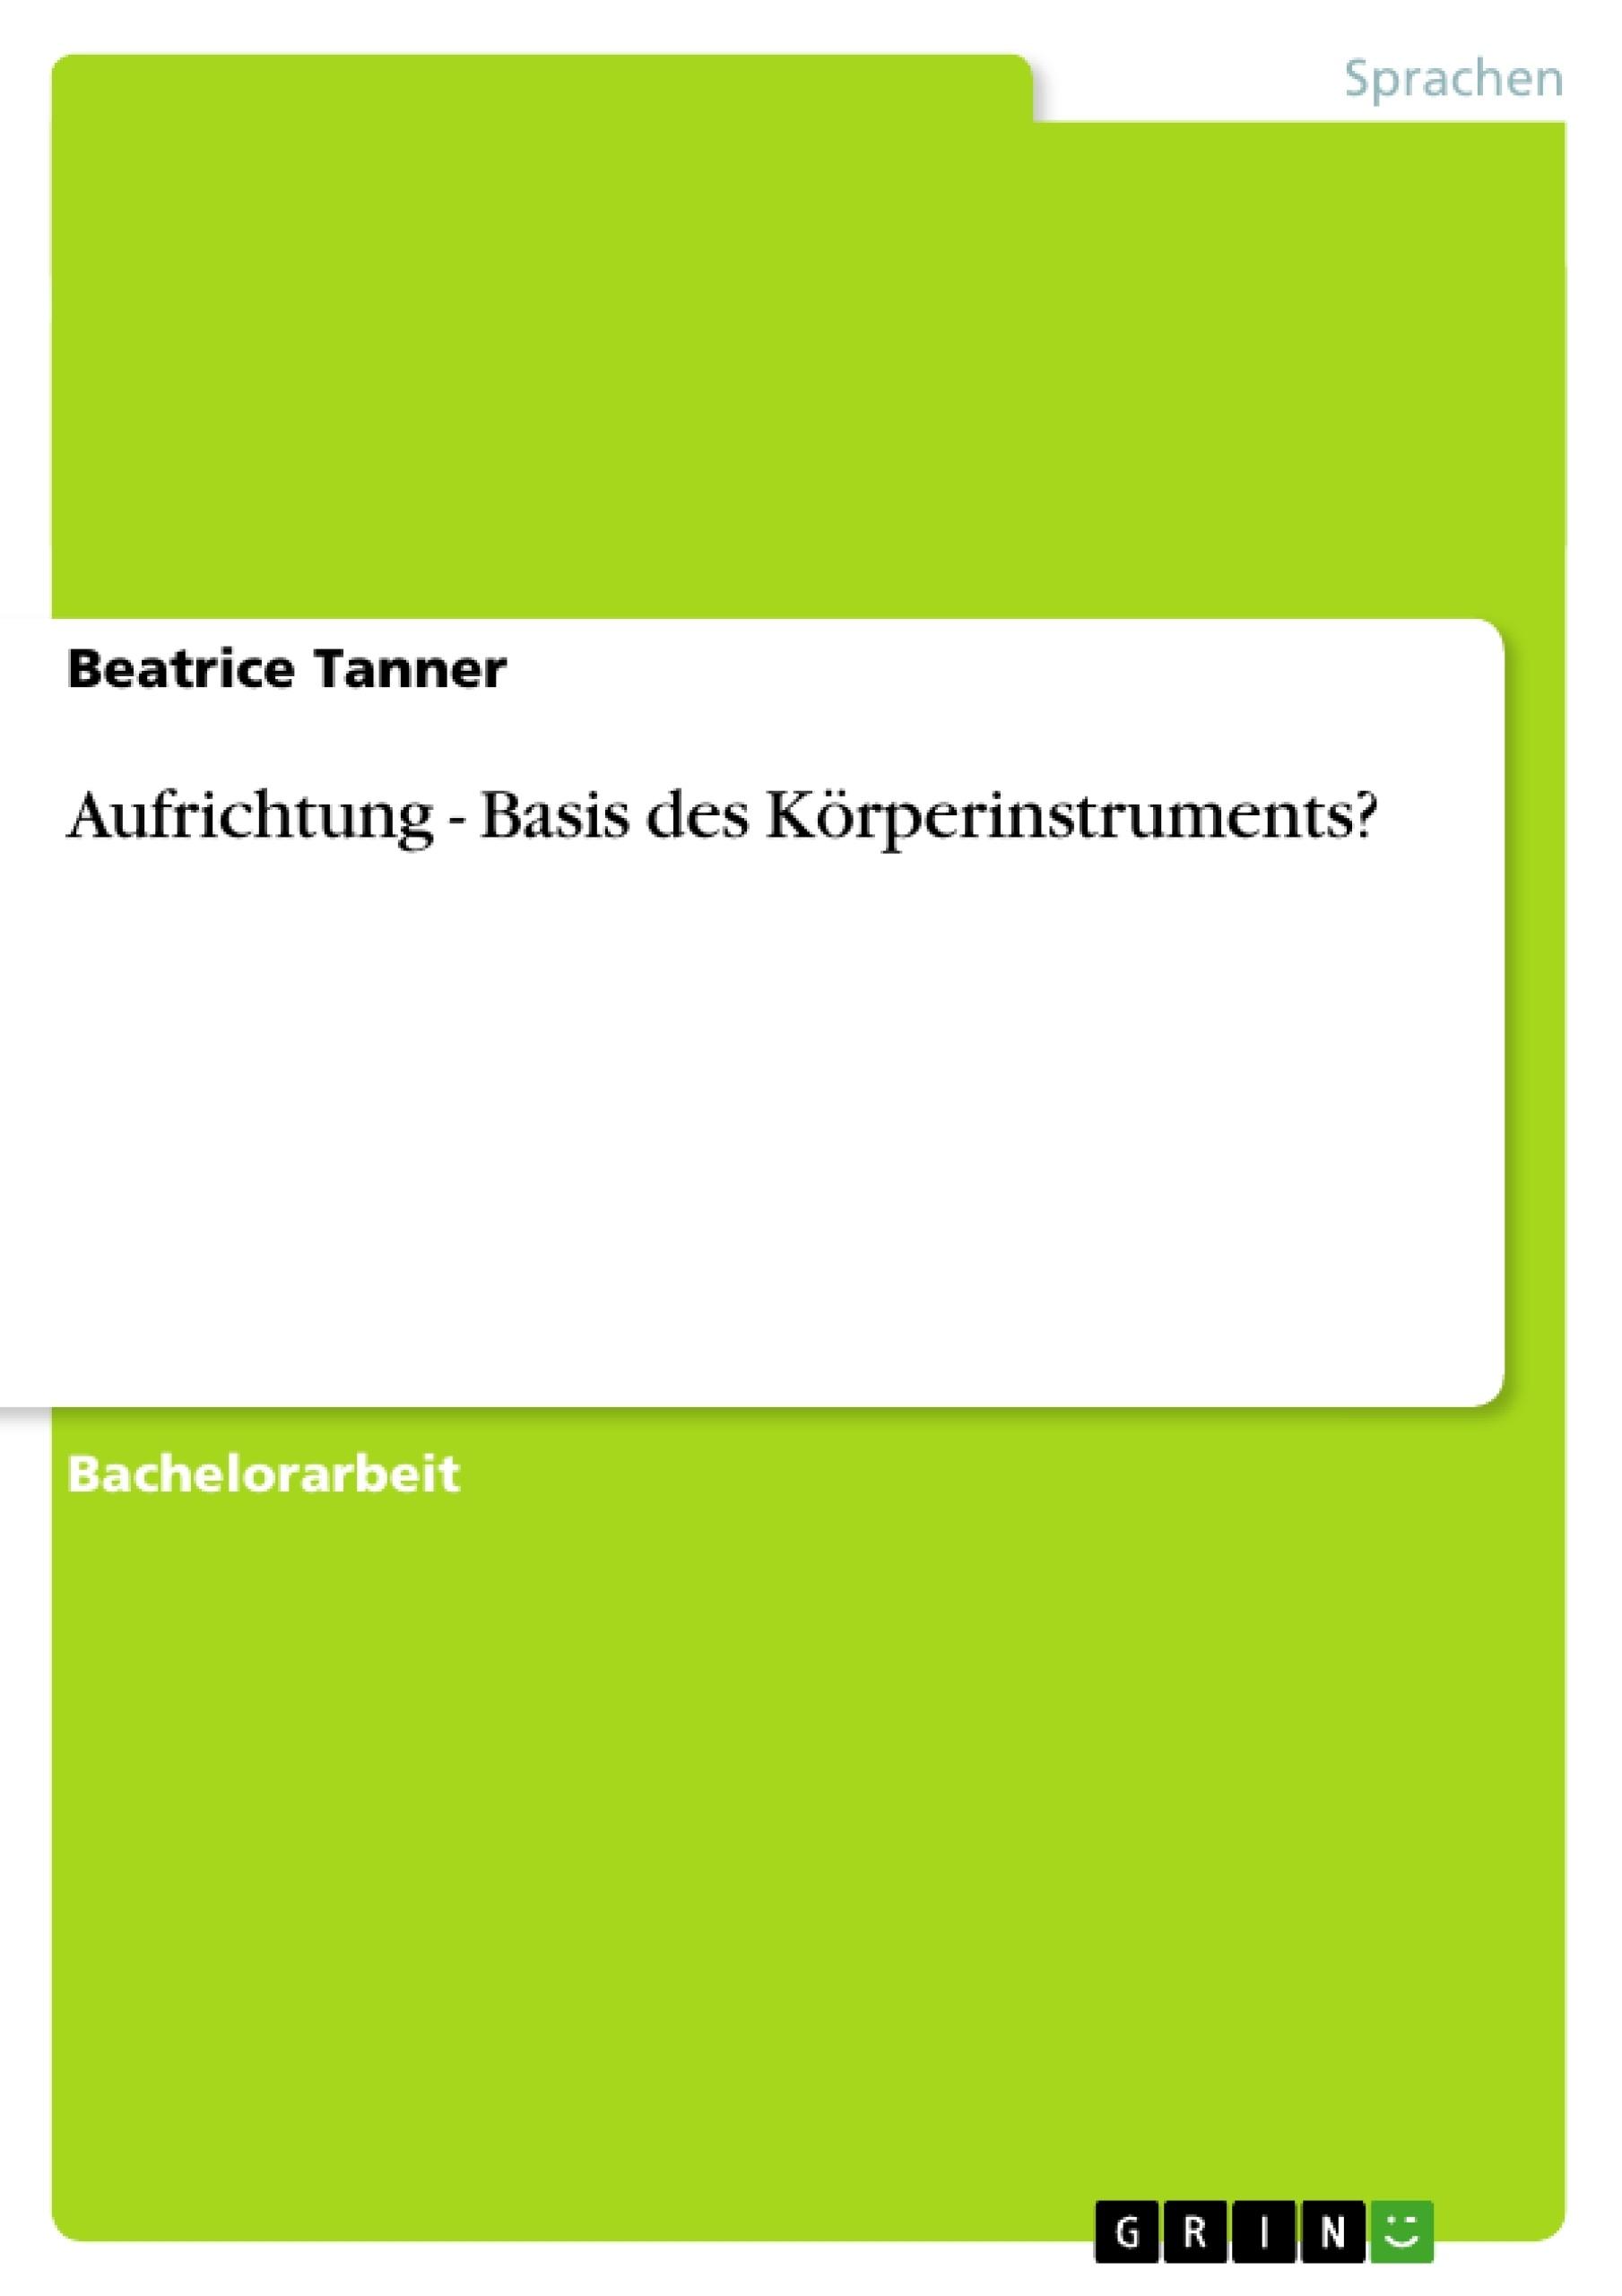 Titel: Aufrichtung - Basis des Körperinstruments?